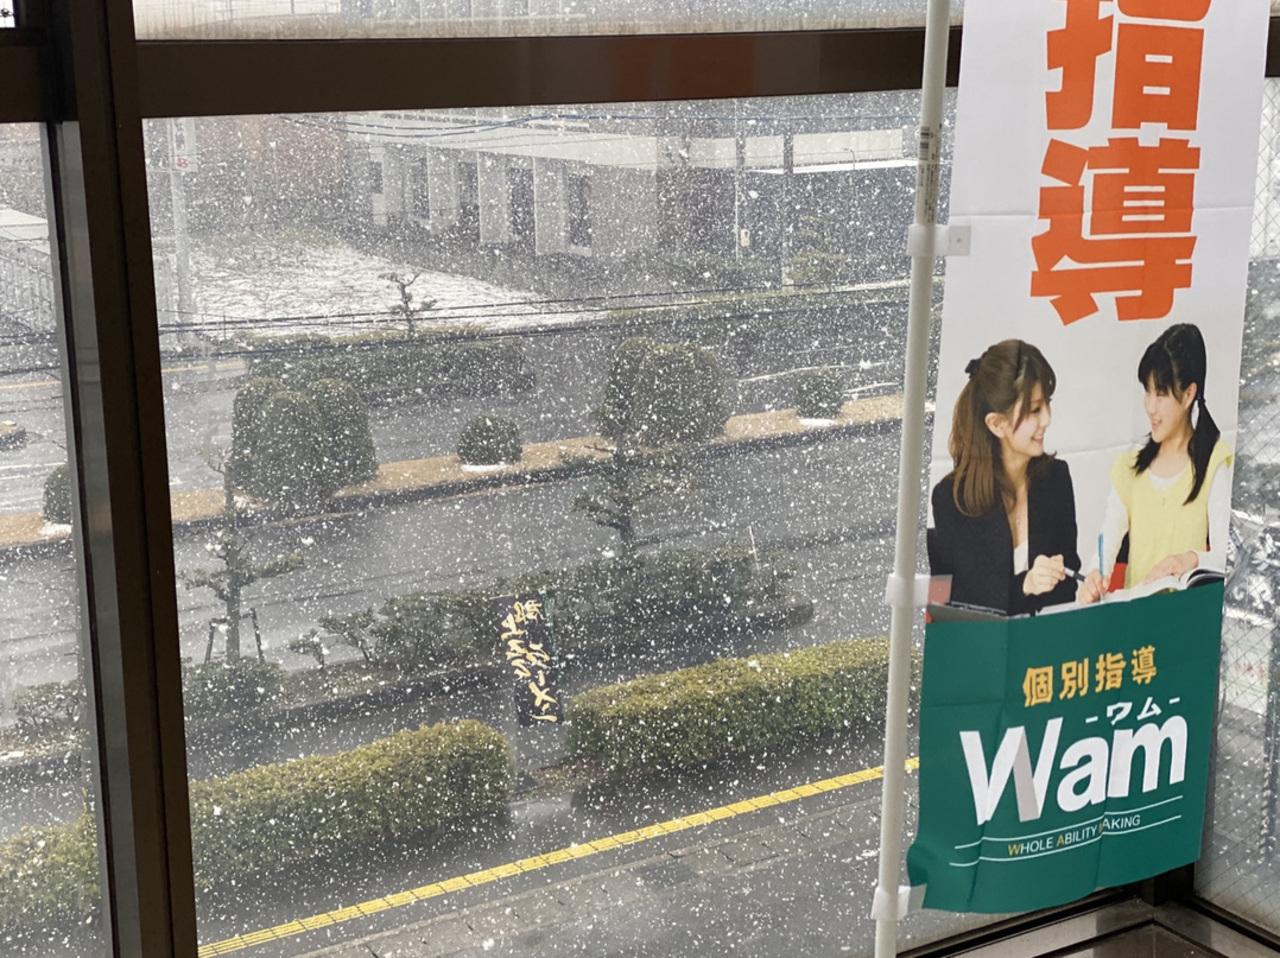 本日、大雪です。お気をつけてお越しください!